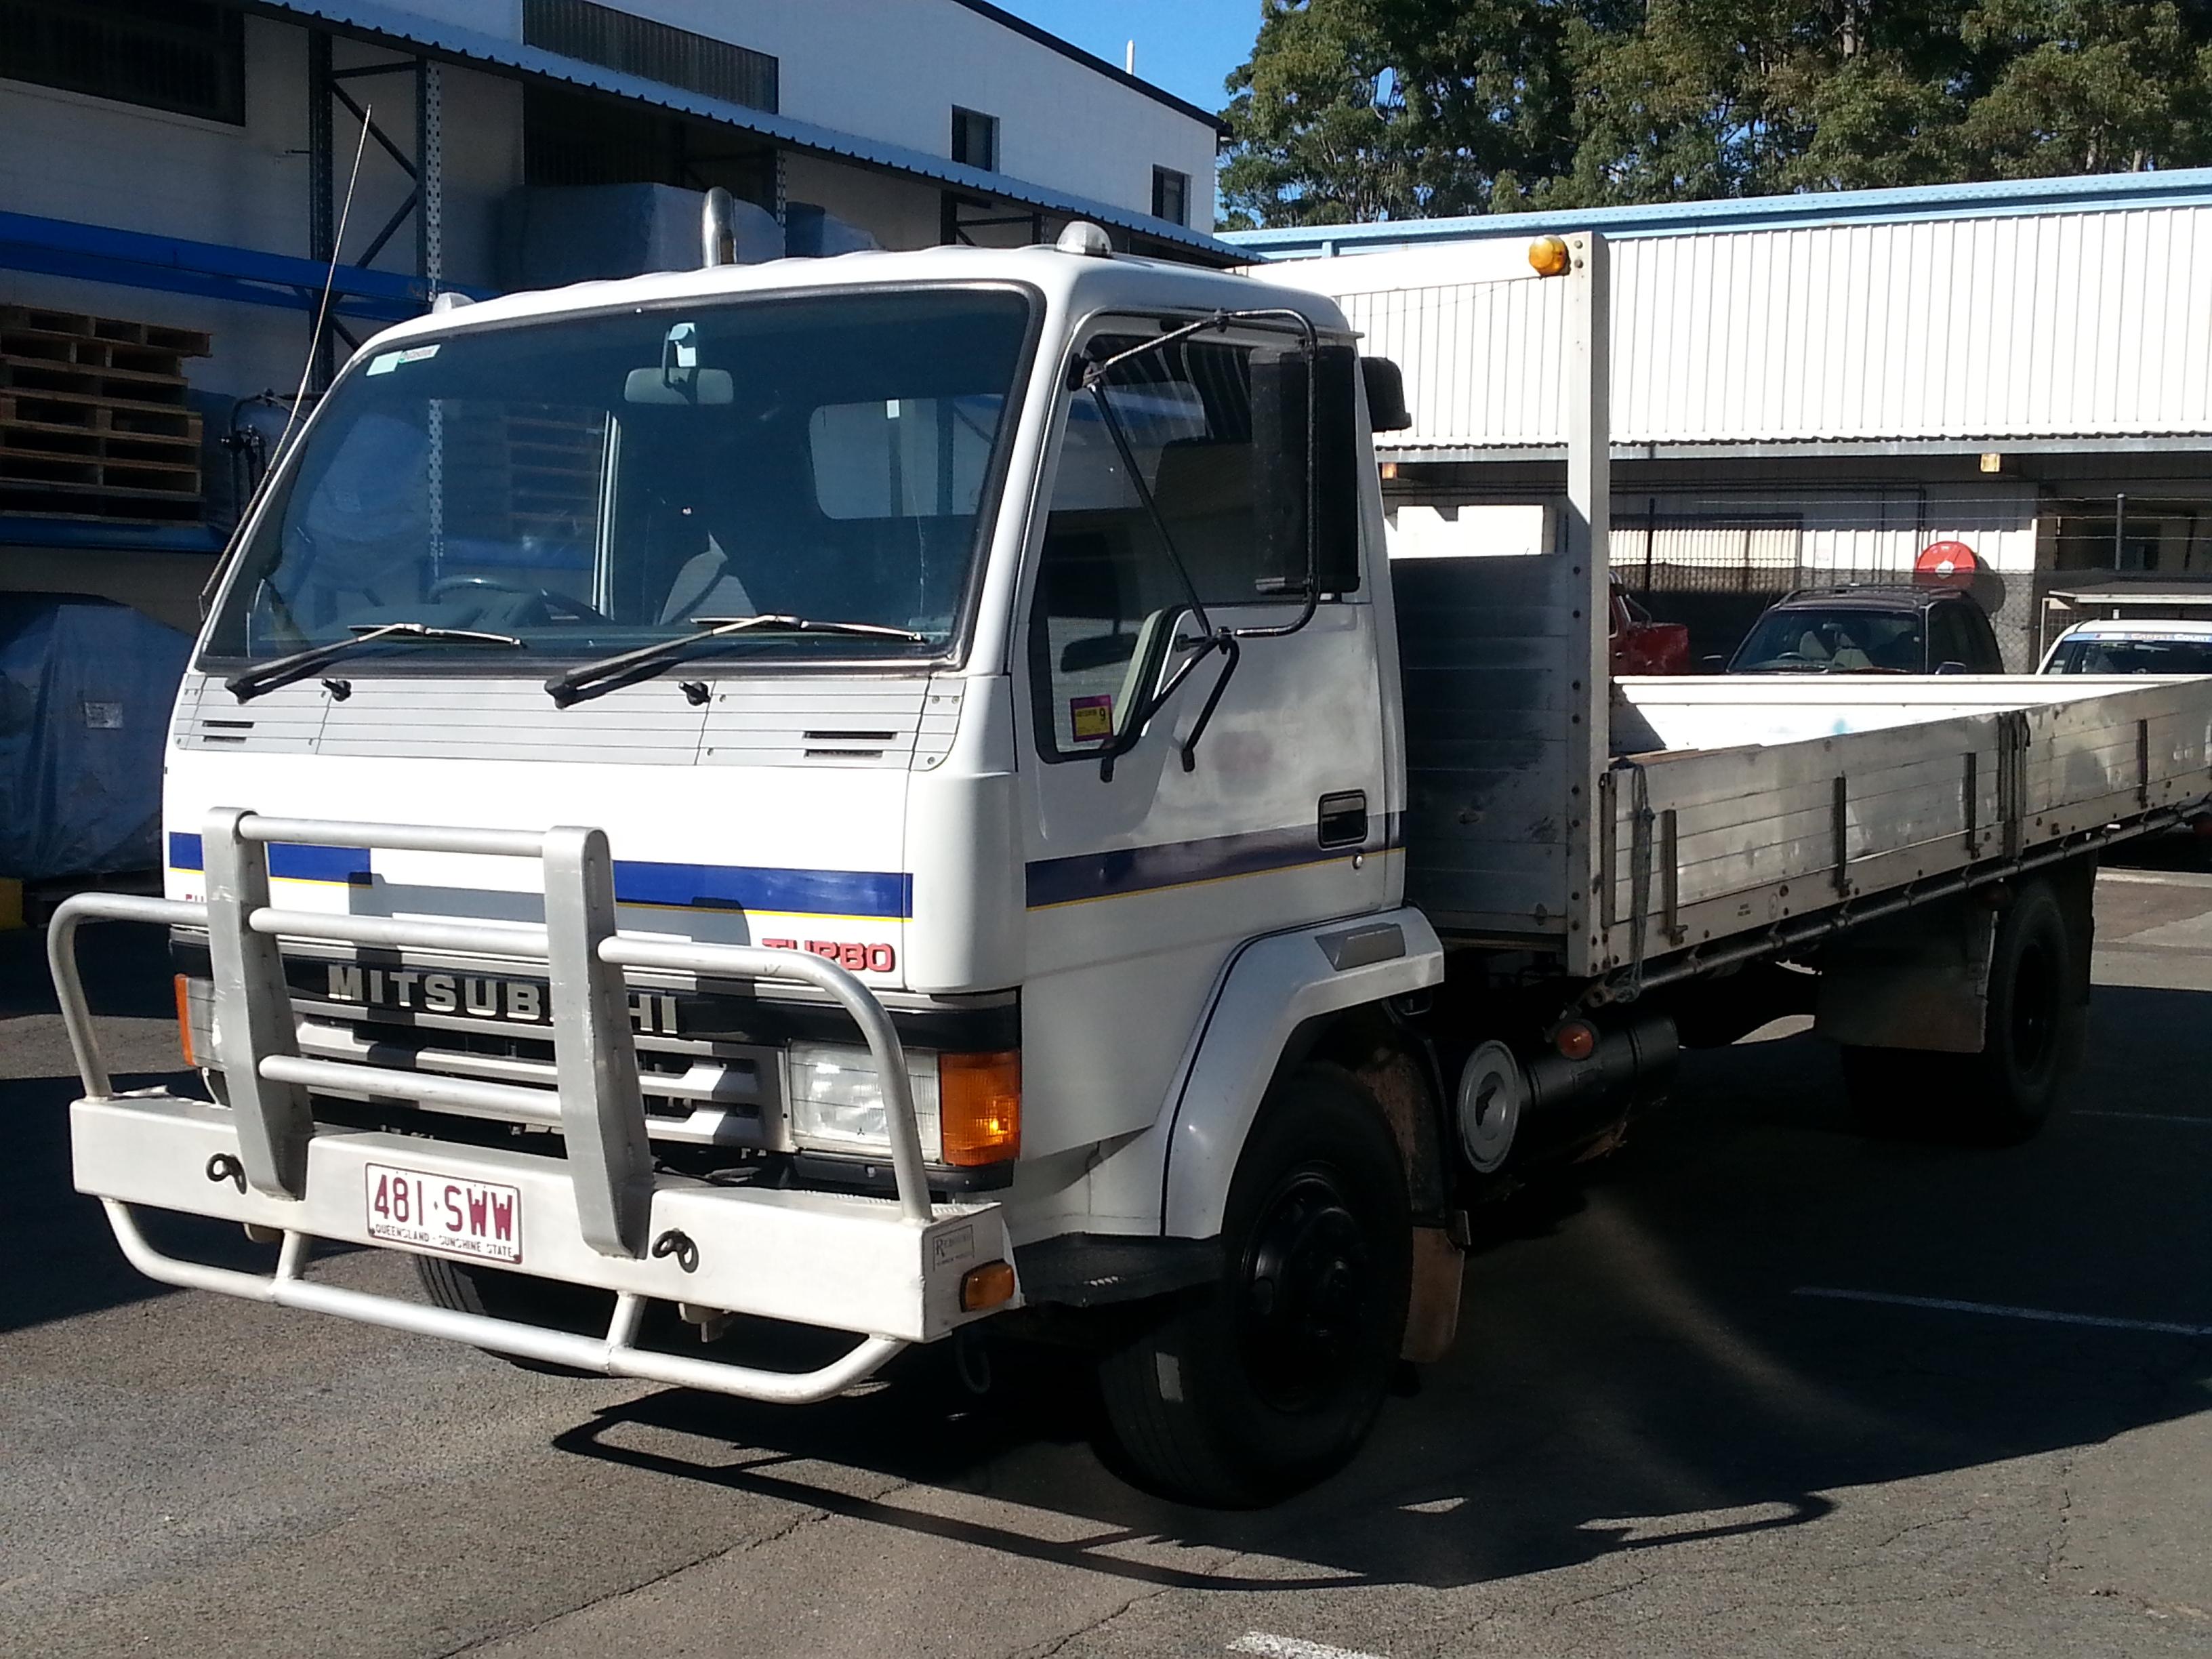 VGC, Turbo Diesel, A/C, 290,631kms